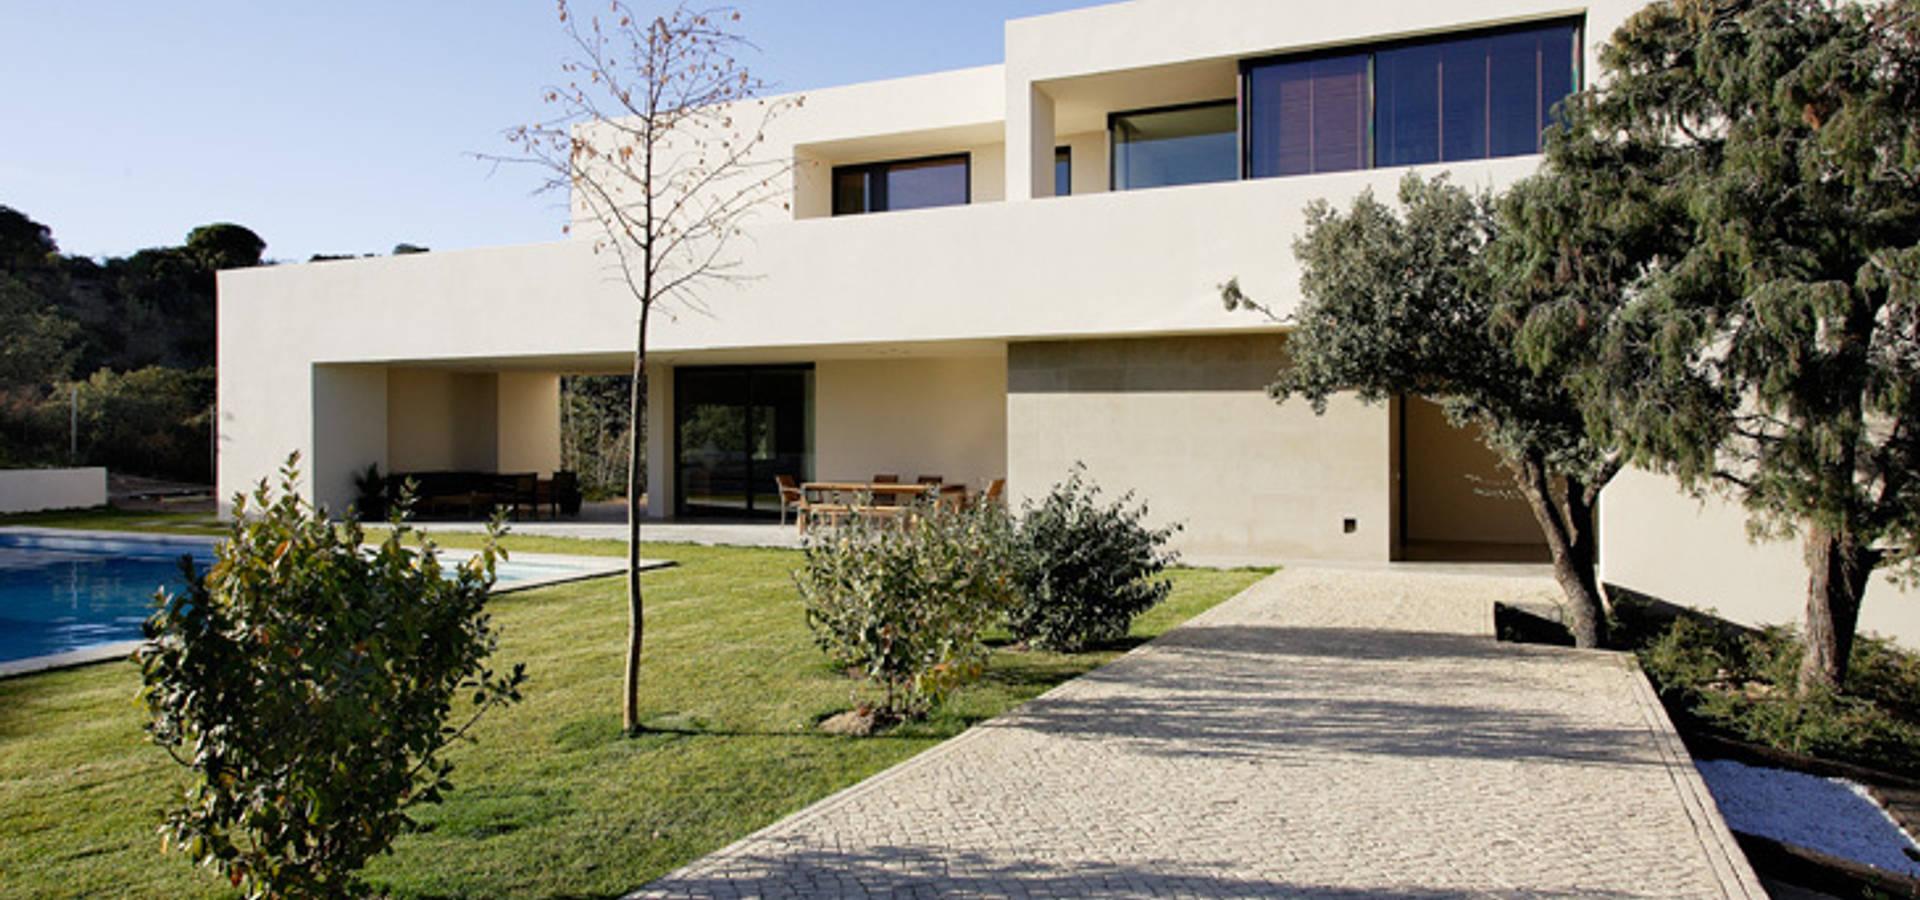 Otto Medem Arquitecto vanguardista en Madrid